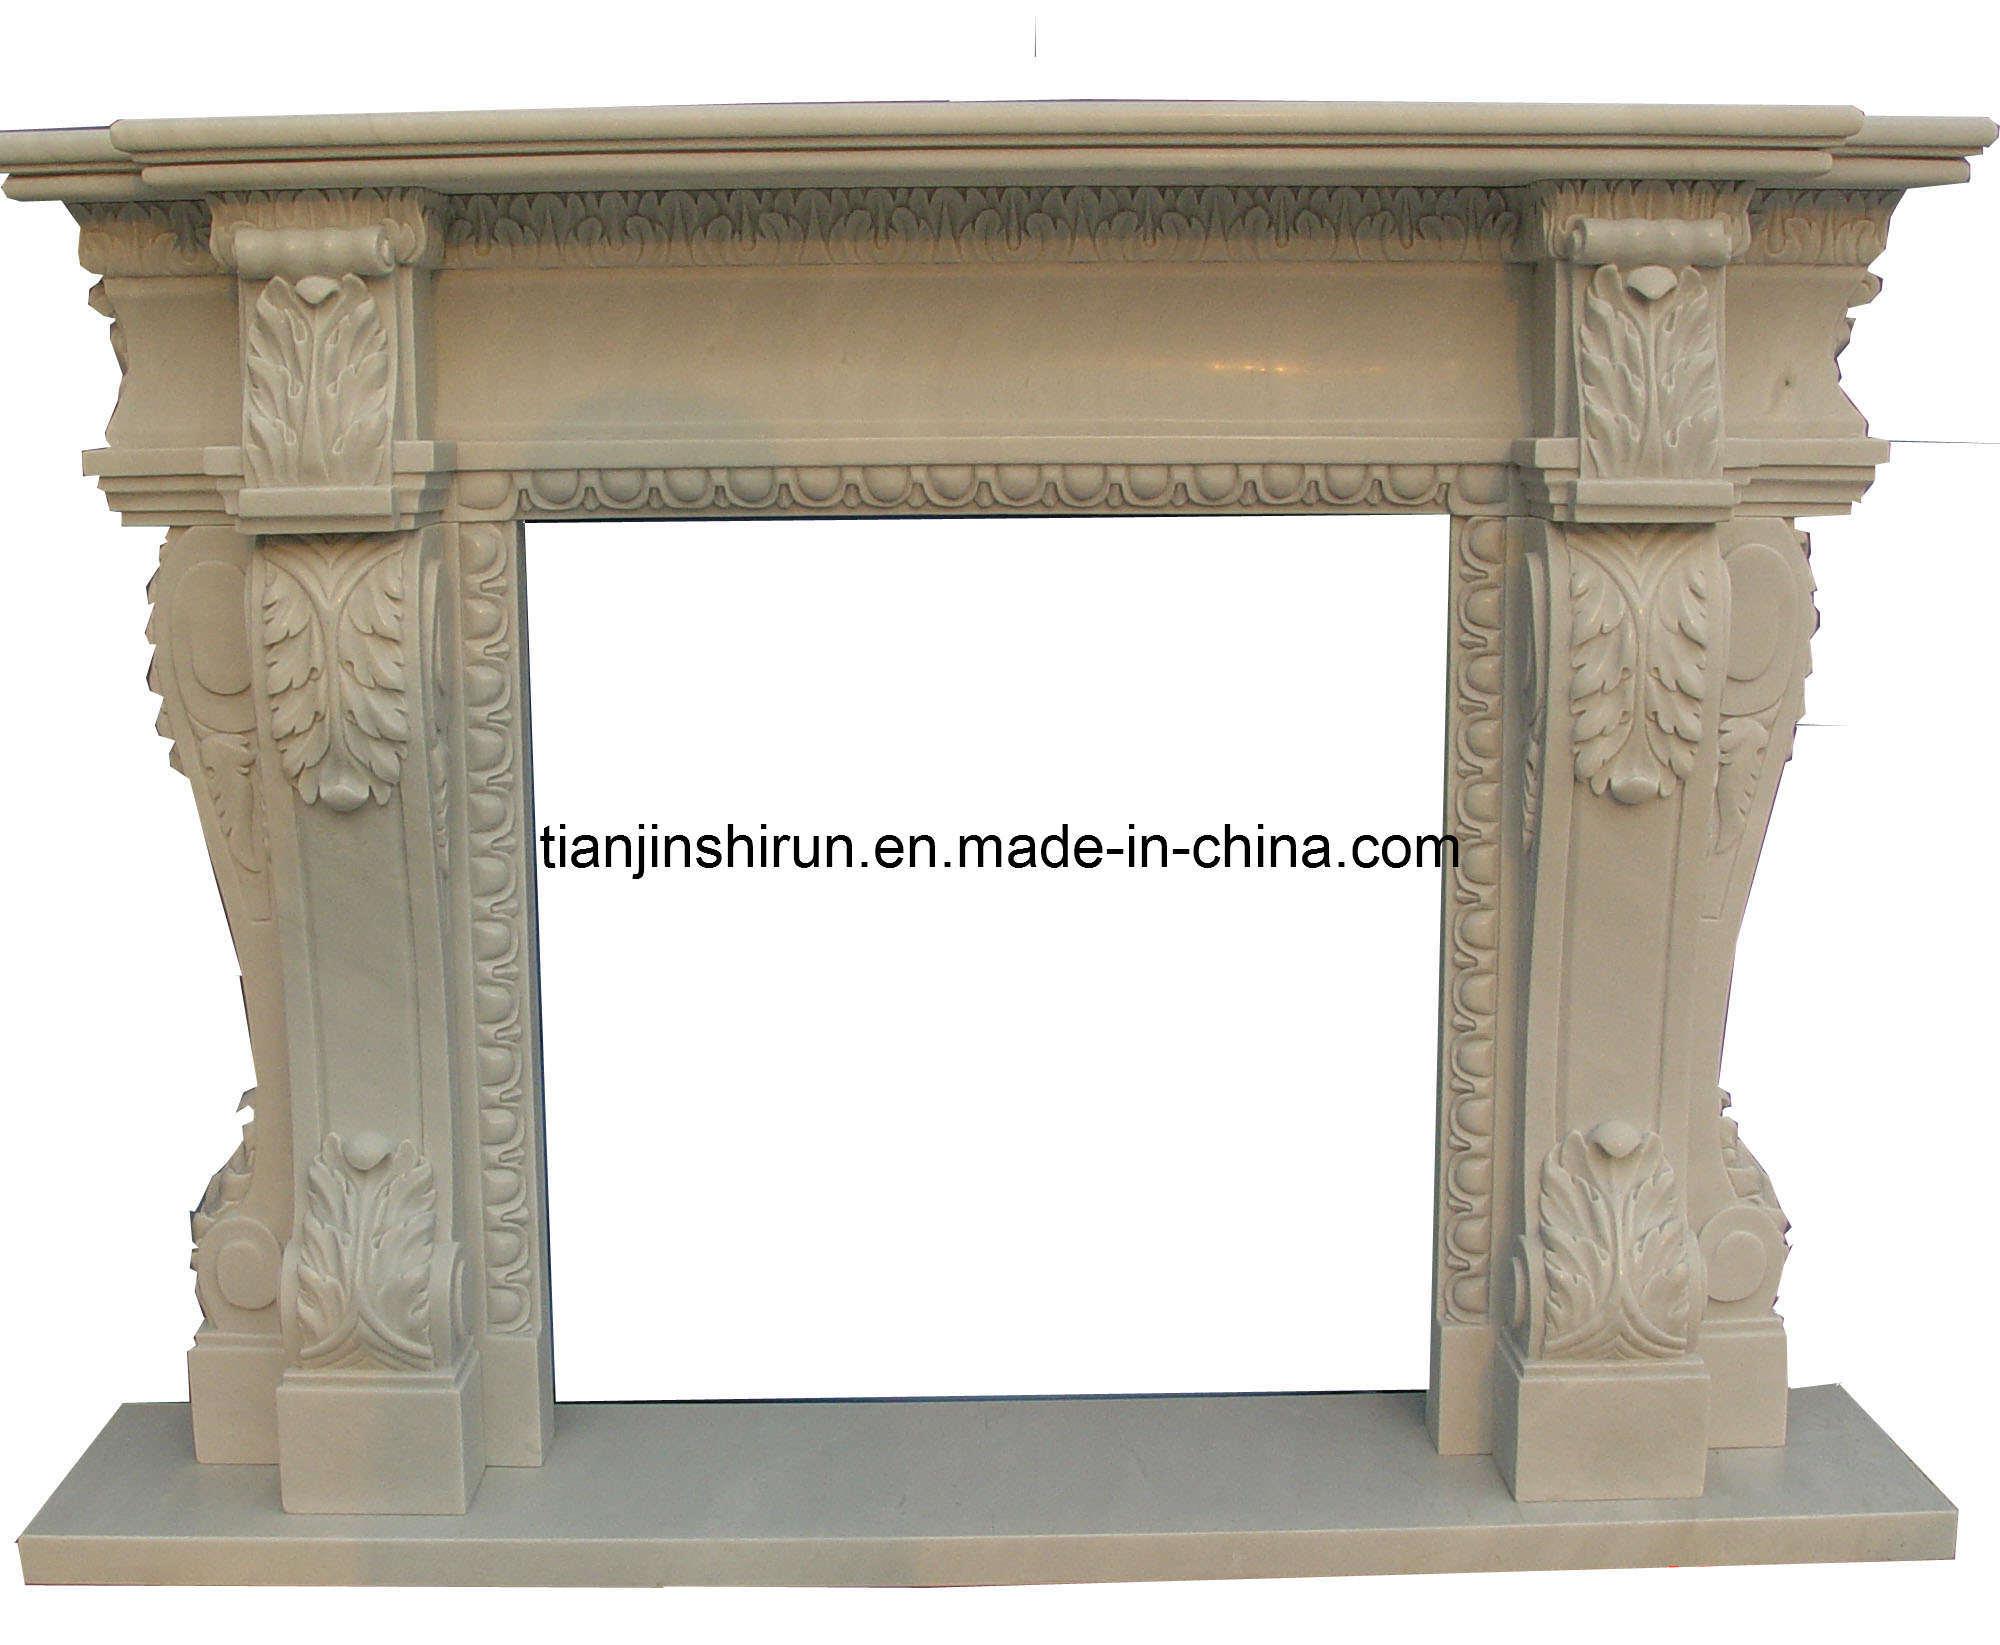 돌 벽난로 (FRP356)에사진 kr.Made-in-China.com